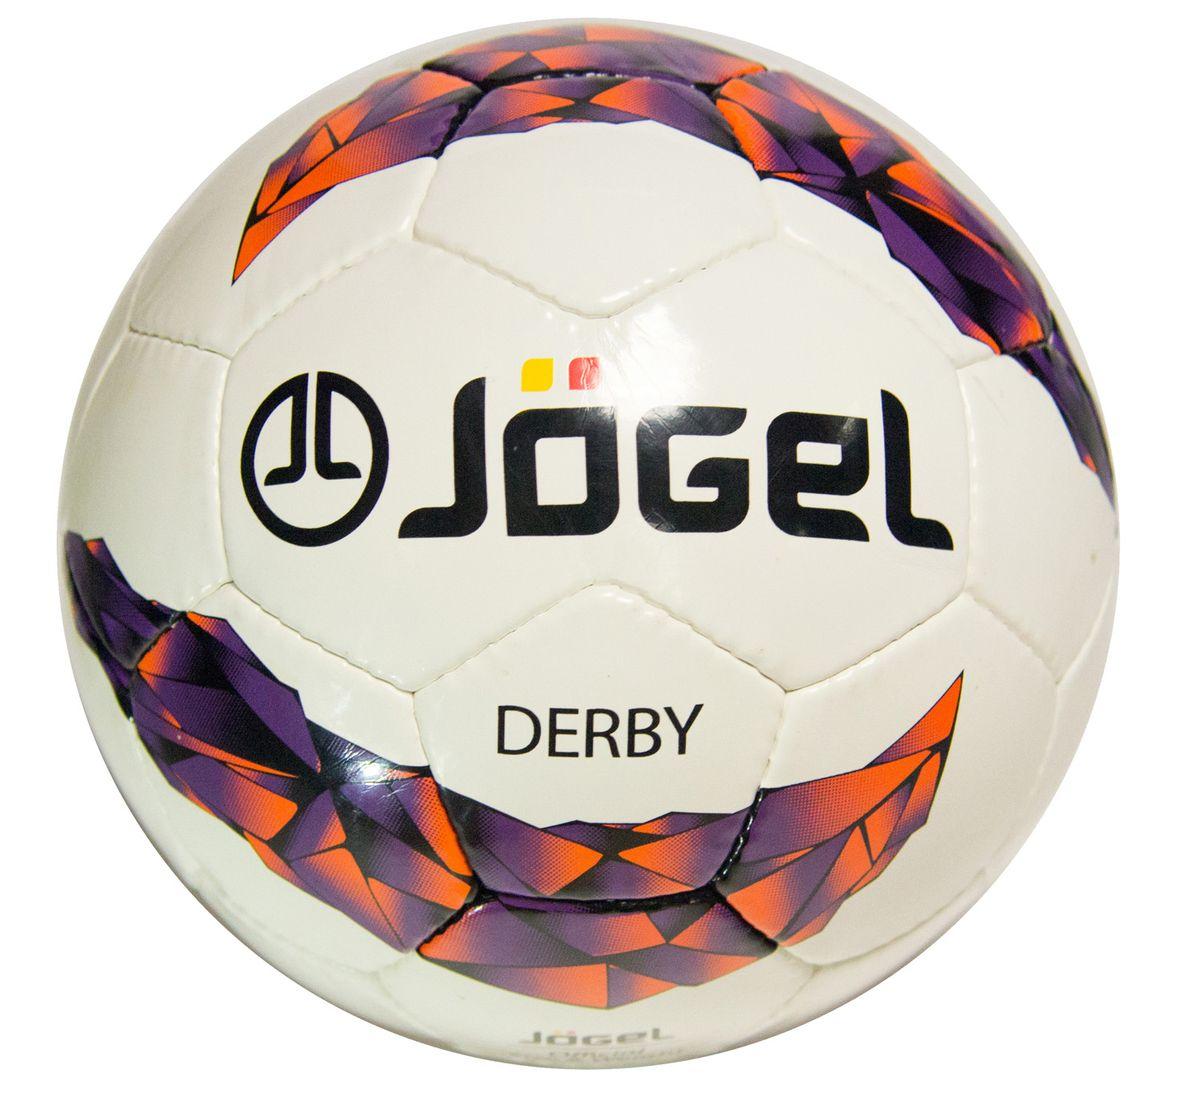 Мяч футбольный Jogel Derby, цвет: белый, оранжевый, черный. Размер 3. JS-500УТ-00009474Классический футбольный мяч серии Derby с прочной покрышкой из синтетической кожи, сшитой вручную. Камера выполнена из латекса. Мяч имеет отличные технические характеристики, которые соответствуют требованиям тренировочного процесса. Предусмотрено четыре подкладочных слоя из смеси хлопка с полиэстером. Мяч станет прекрасным выбором для тренировок и игр клубных и любительских команд. Вес: 310-350 гр.Длина окружности: 59-61 см.Рекомендованное давление: 0.6-0.8 бар.